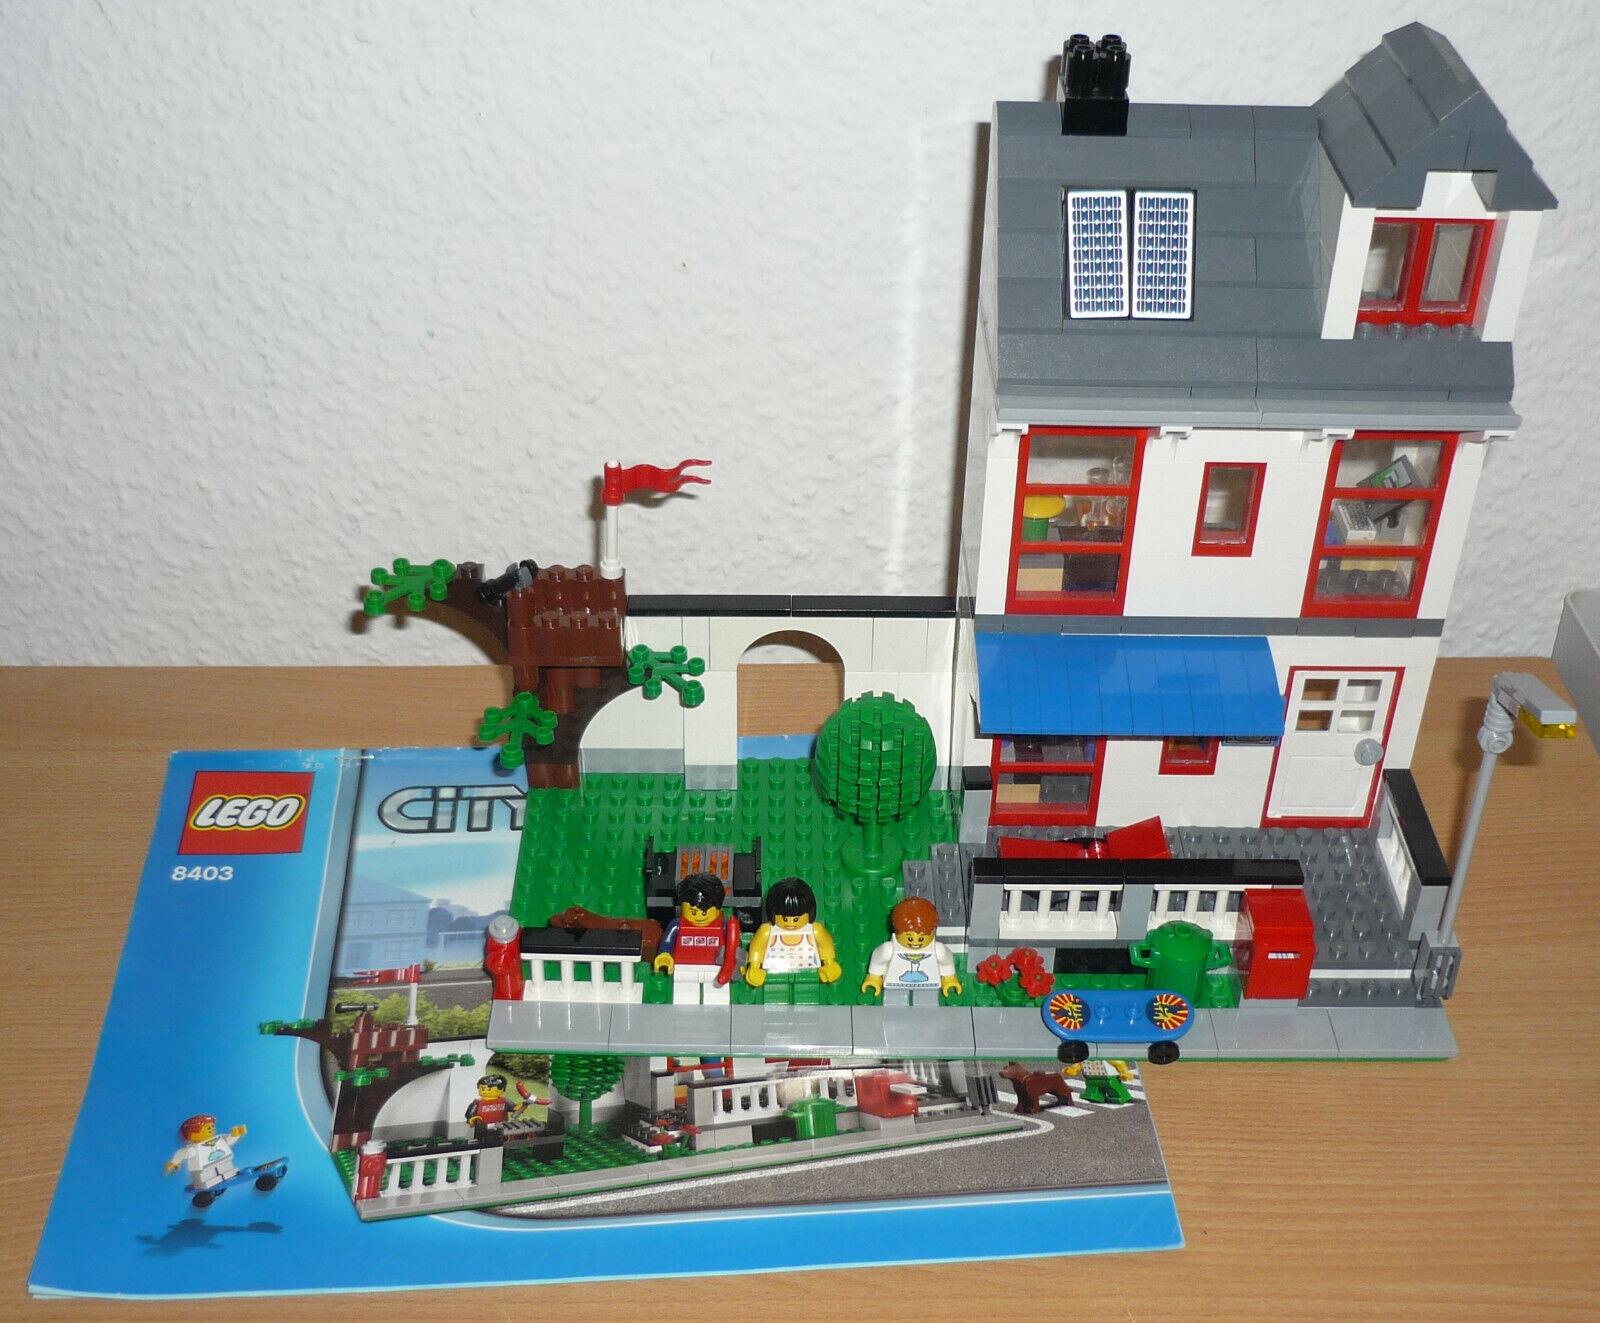 acquistare ora LEGO città 8403 città casa casa casa V. 2010 + OBA  design semplice e generoso